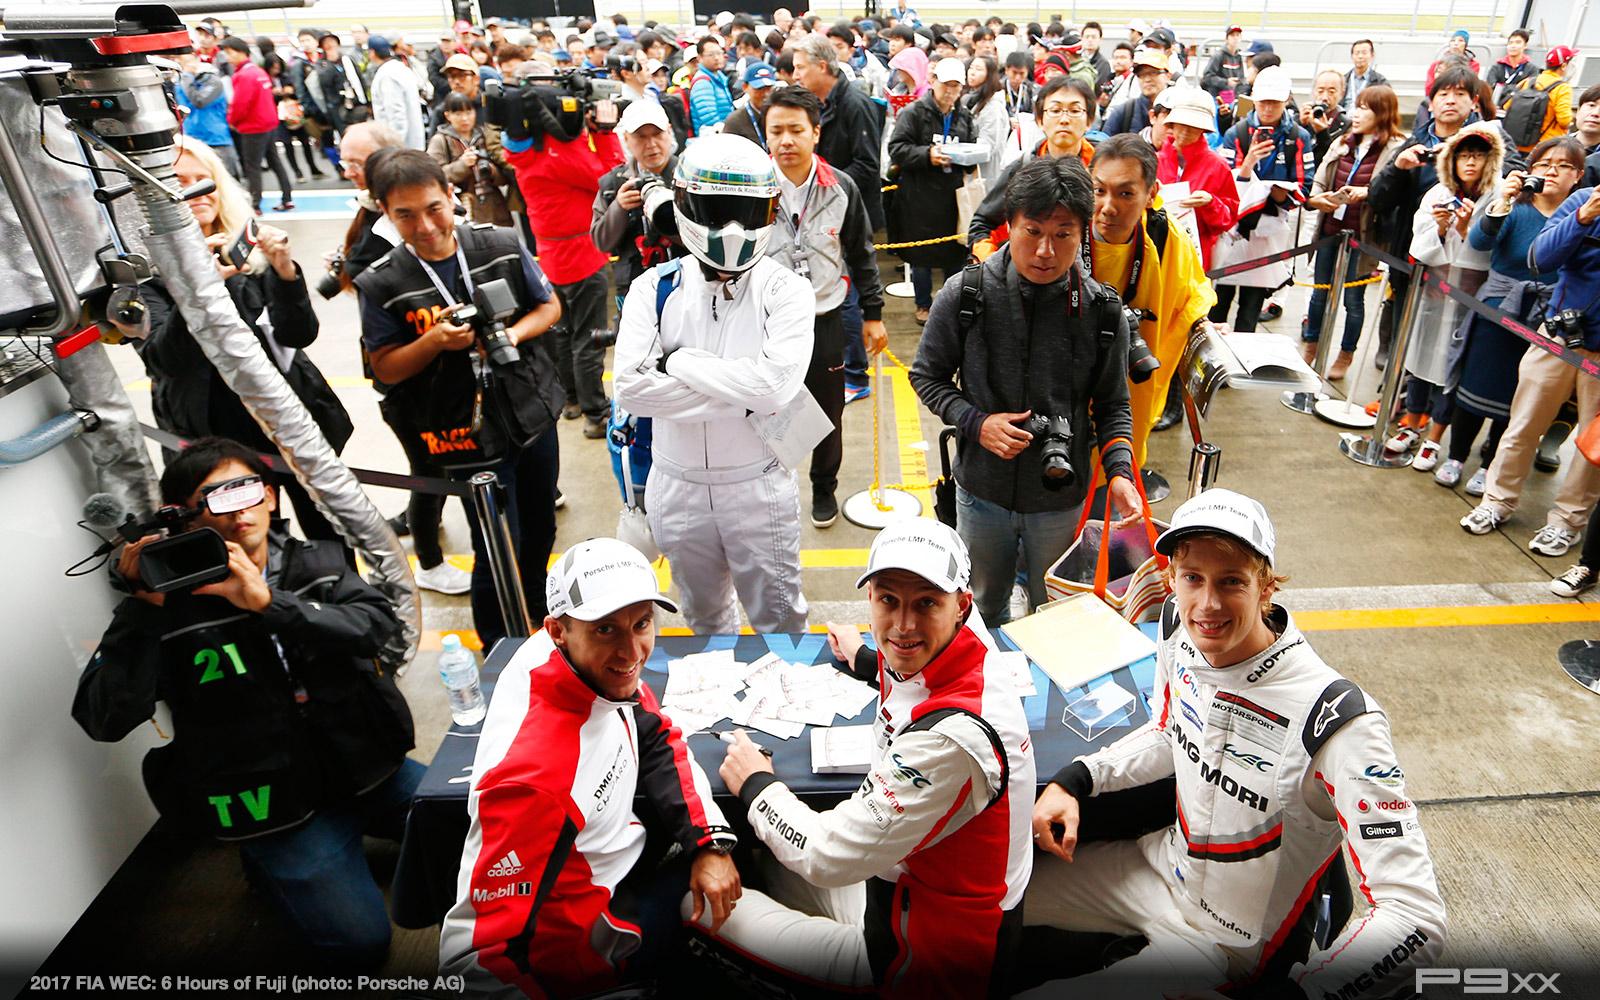 2017-FIA-WEC-6h-of-Fuji-Porsche-412